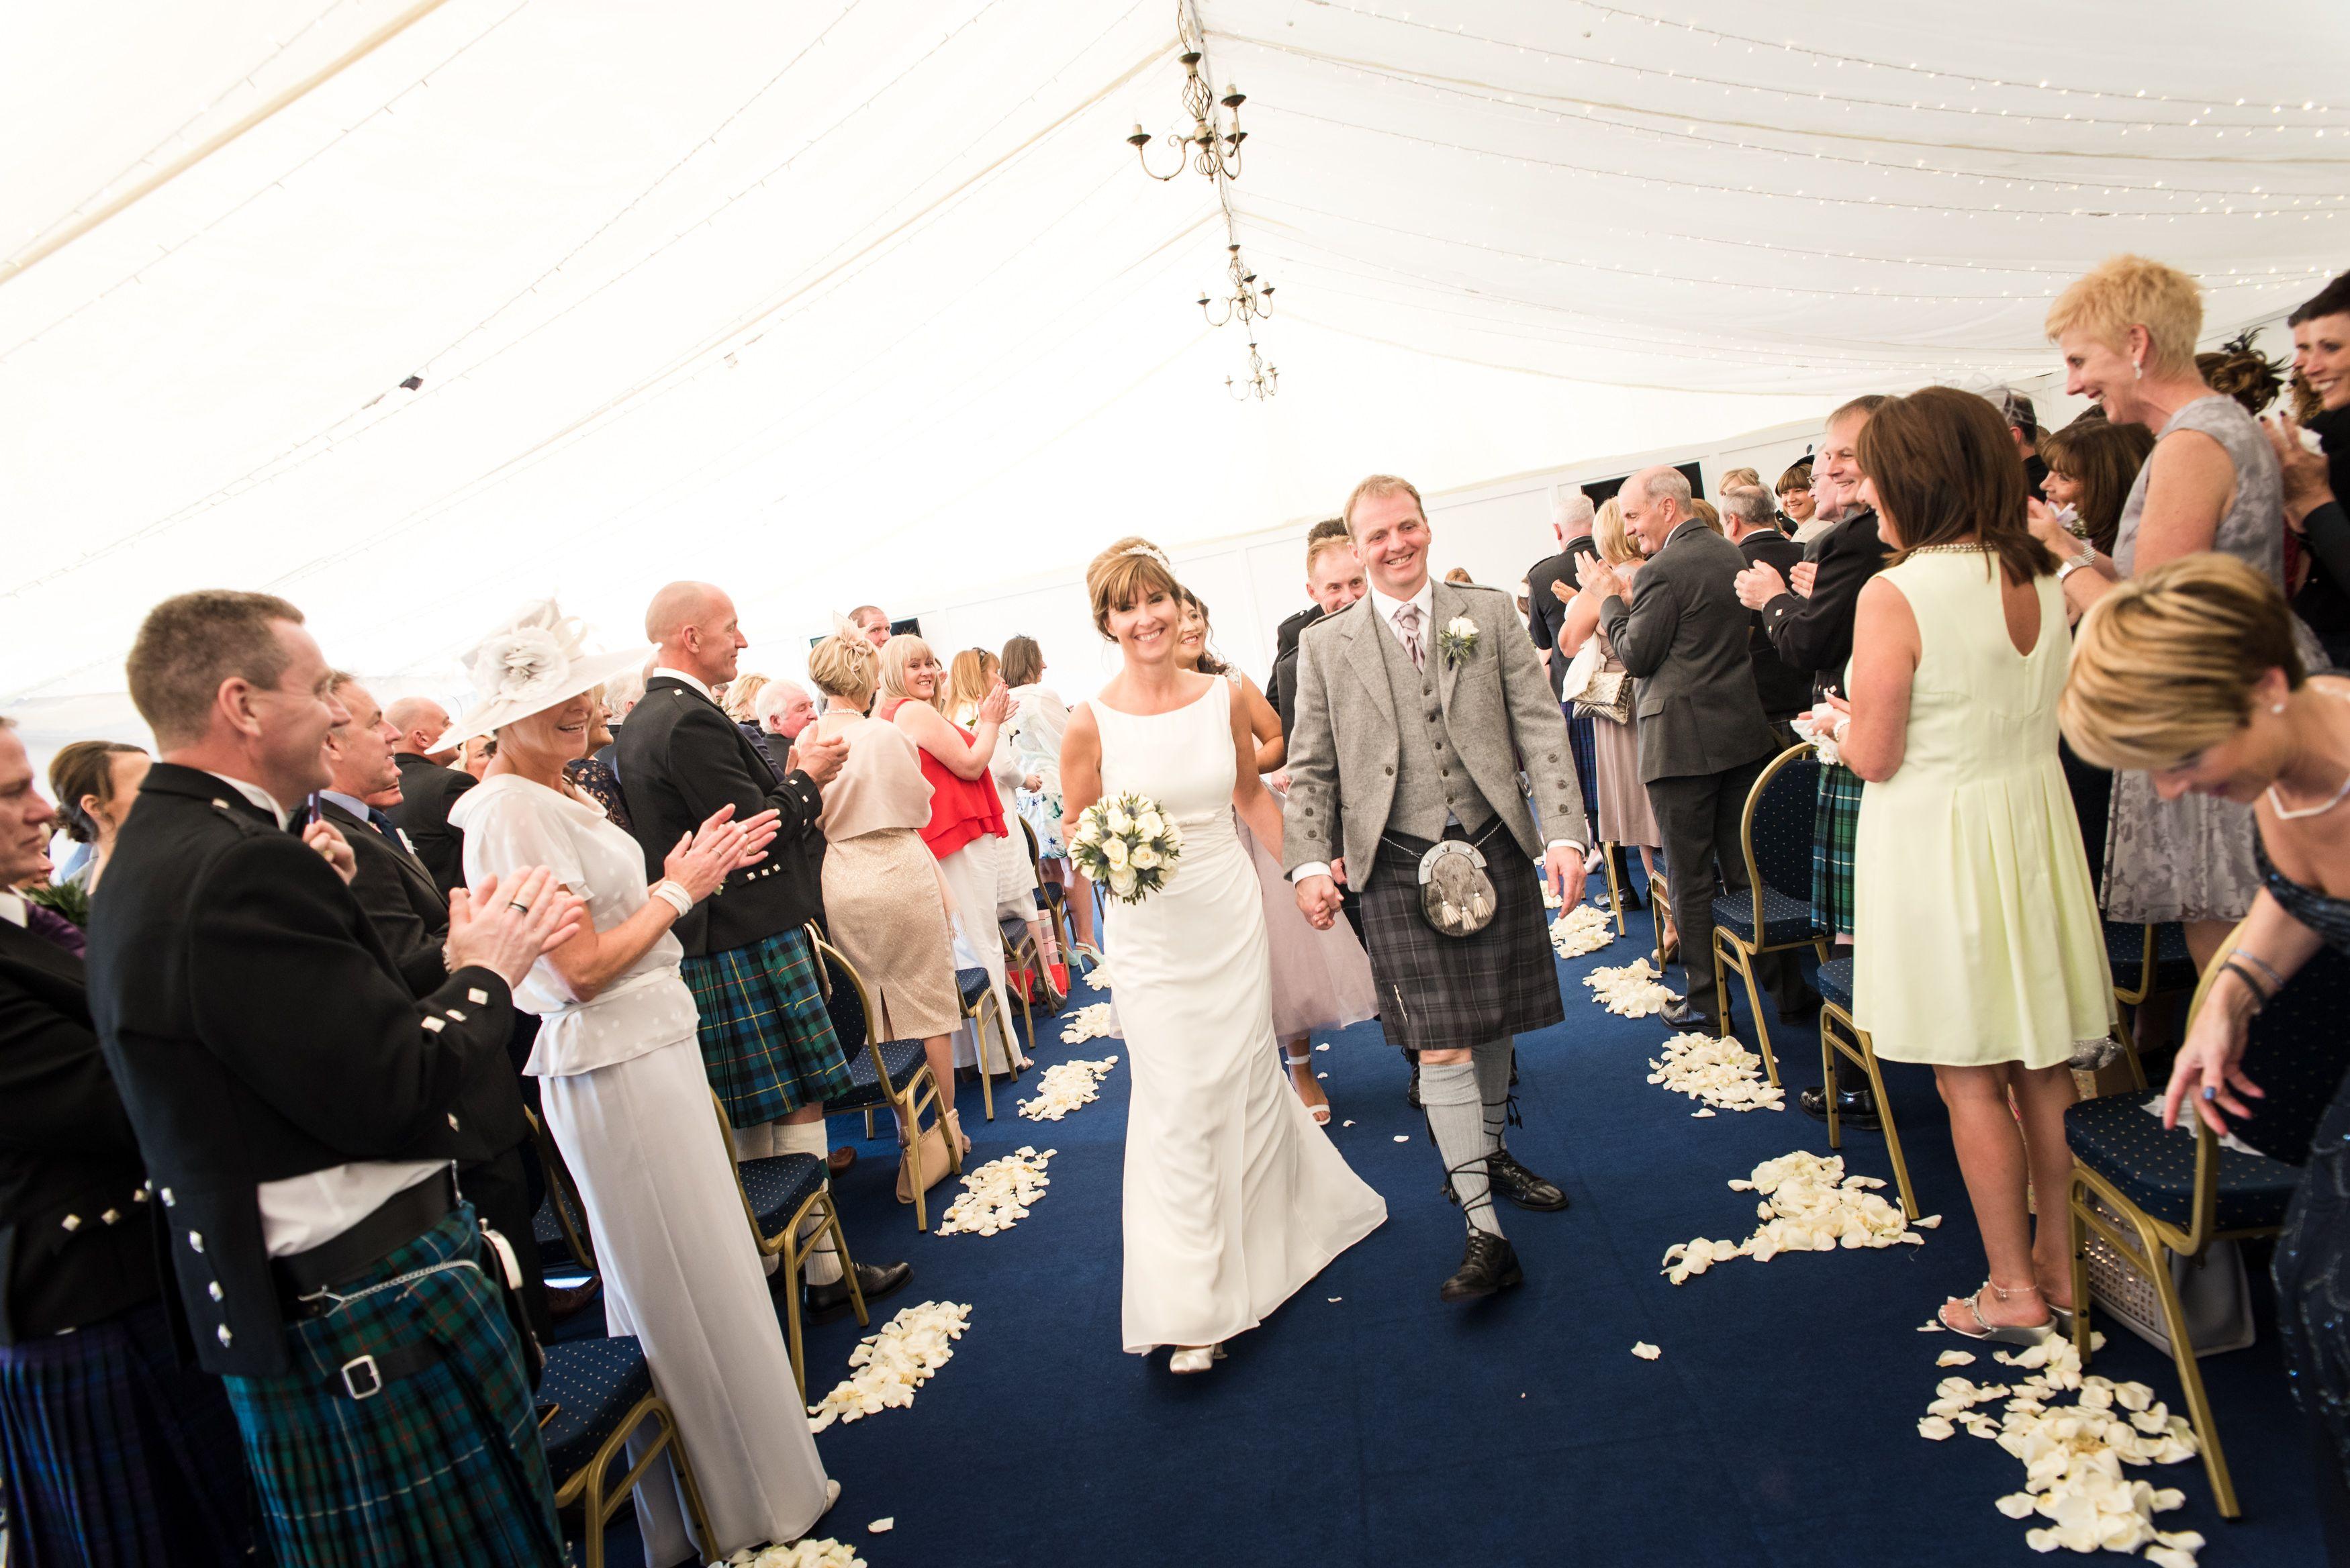 Club Lawn Marquee Wedding Ceremony At Perth Racecourse Marquee Wedding Wedding Venues Wedding